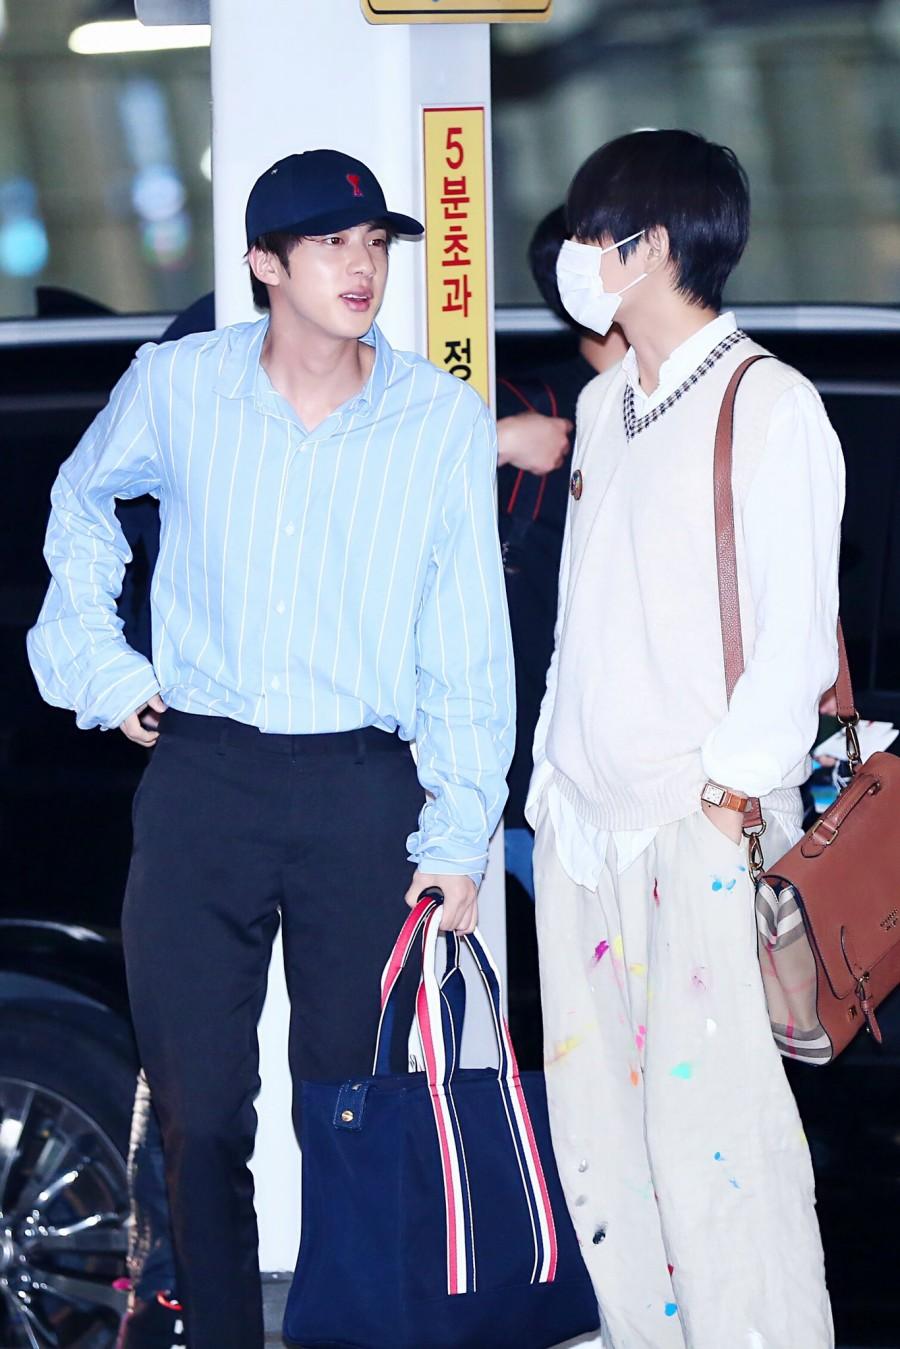 bts jin airport fashion regret 2